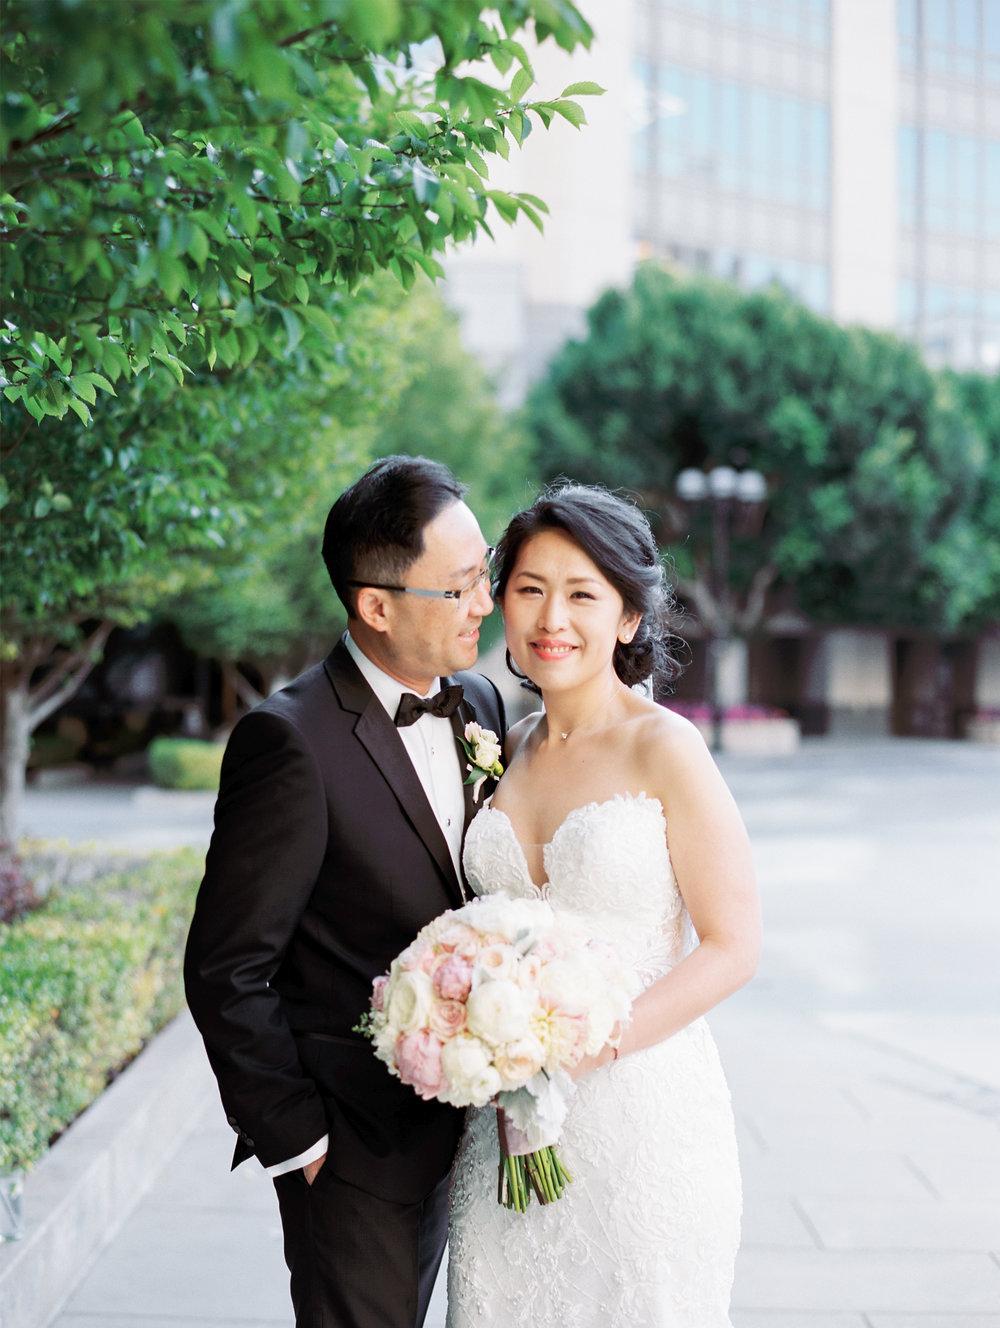 kelsandmichael_wedding_darren&joanne-342.jpg